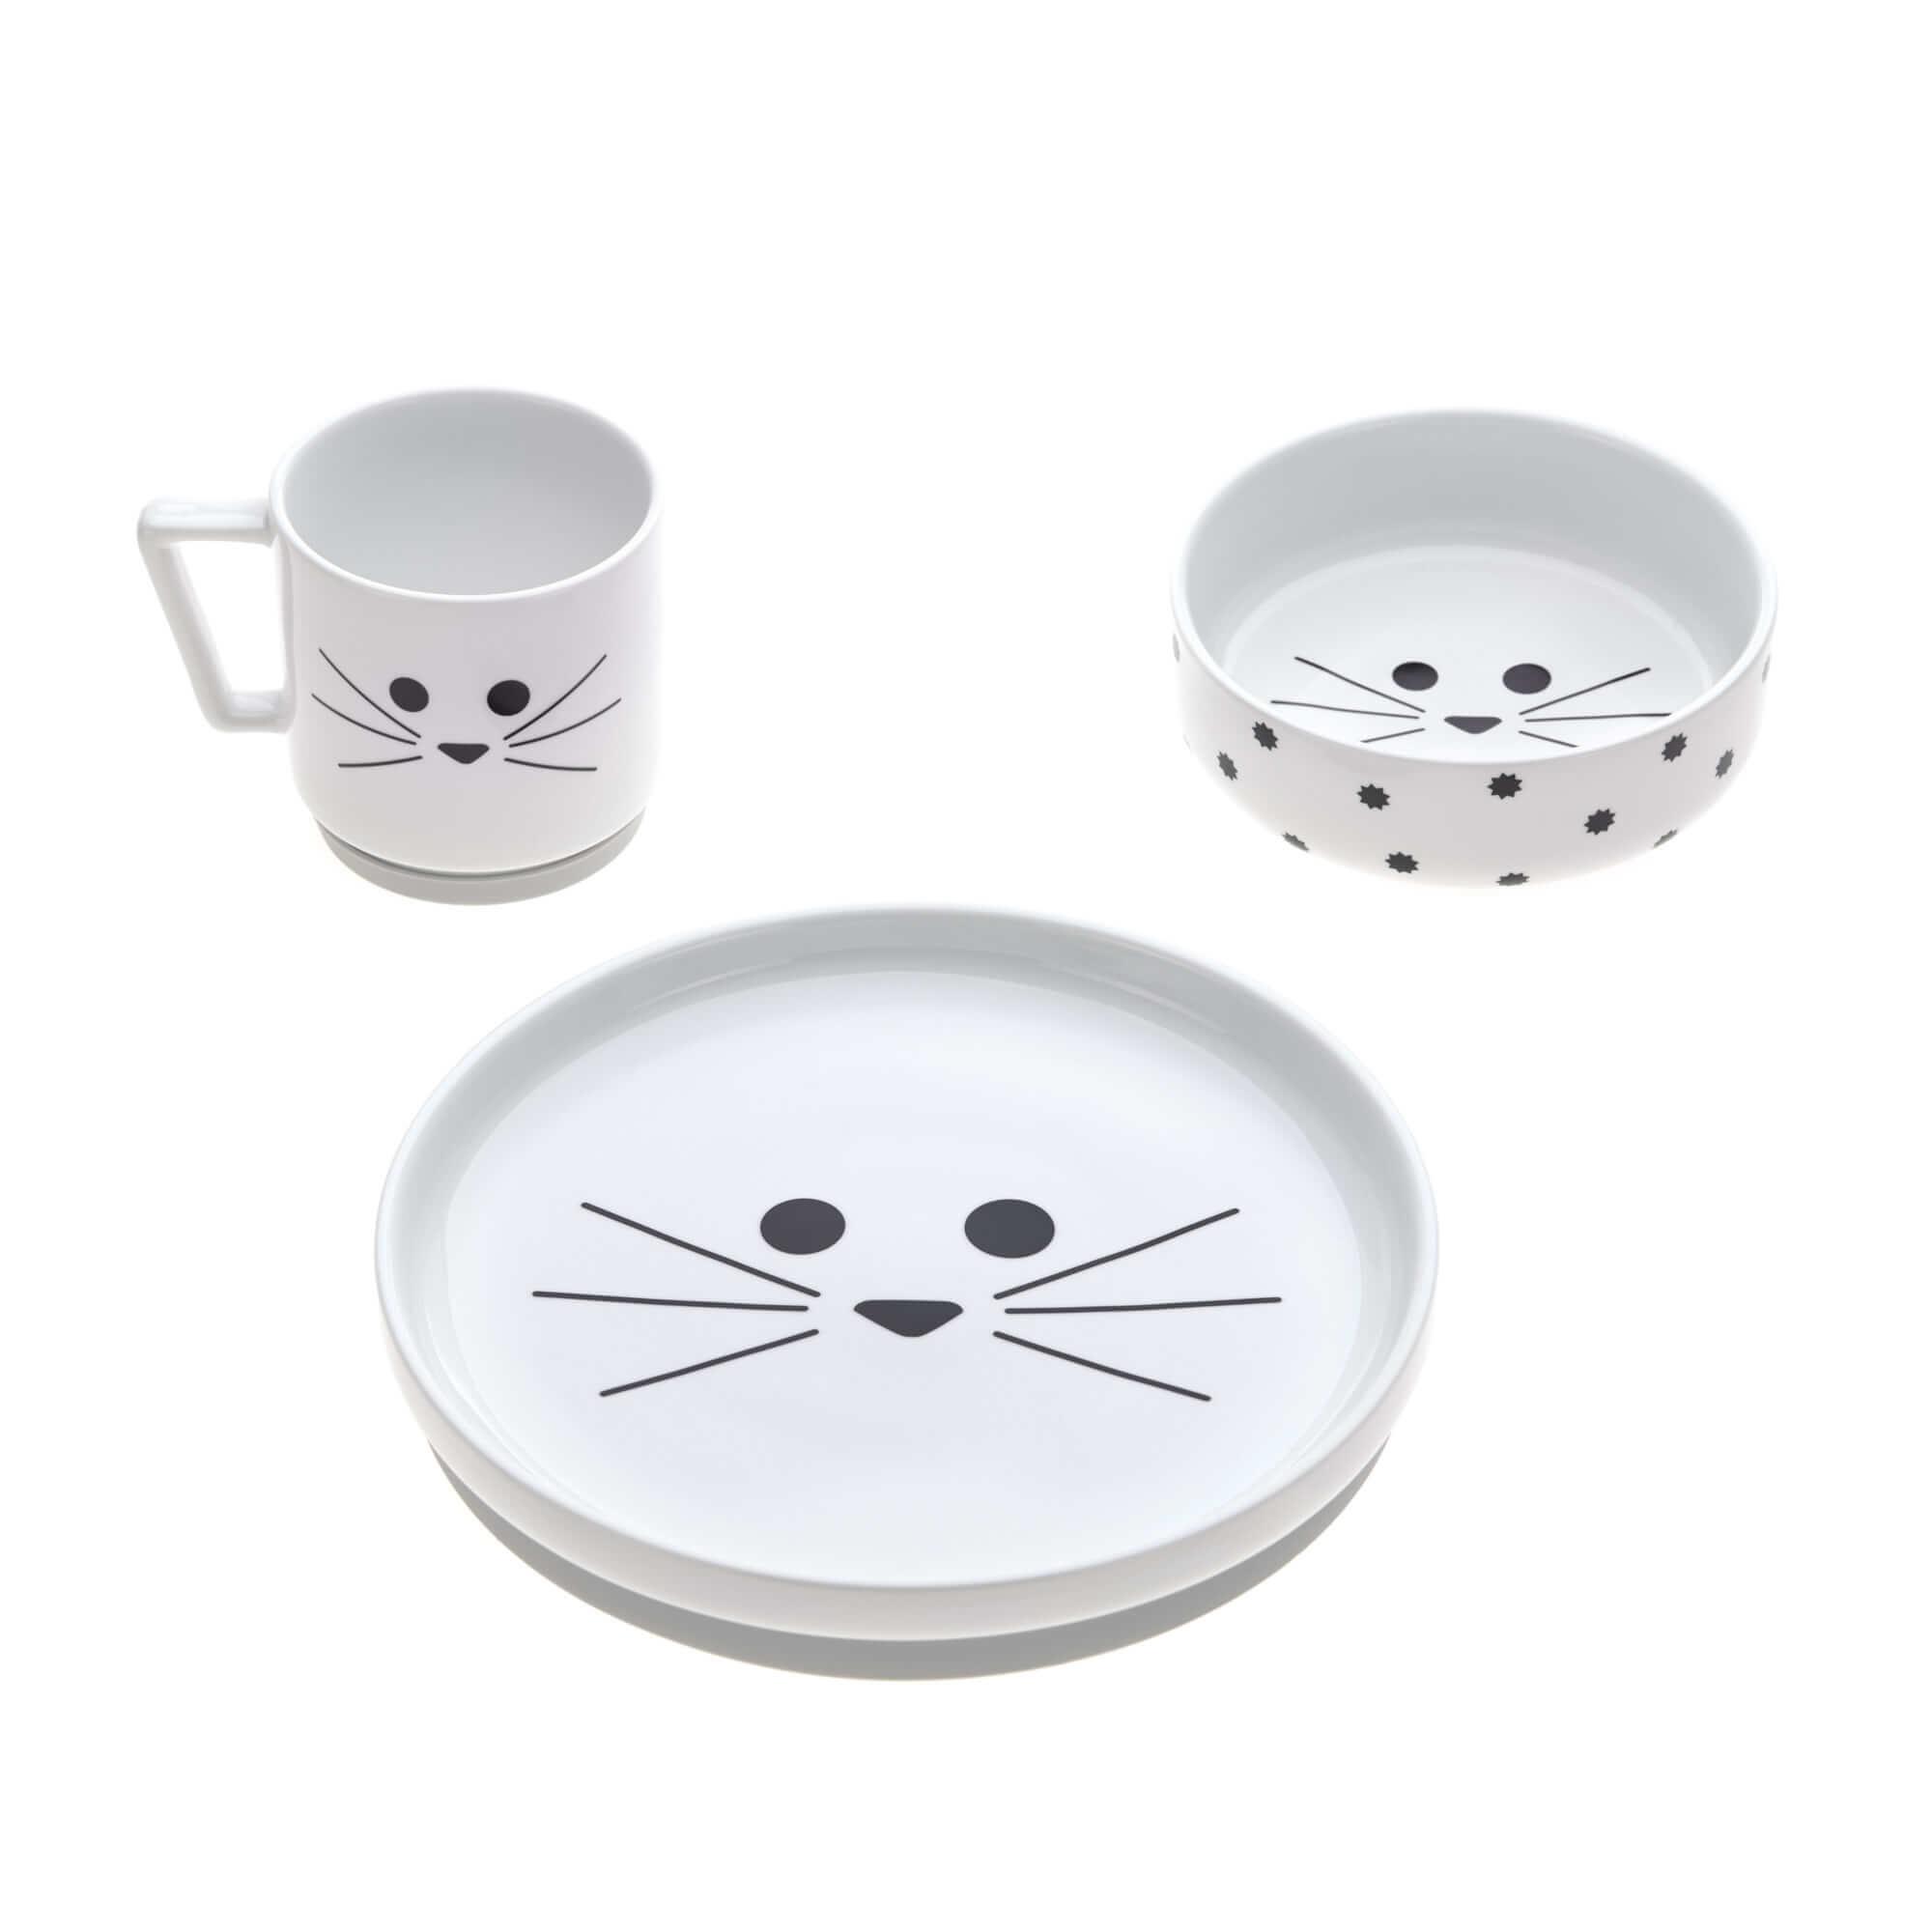 Lässig Lässig Servies set porselein en Siliconen Little Chums Cat